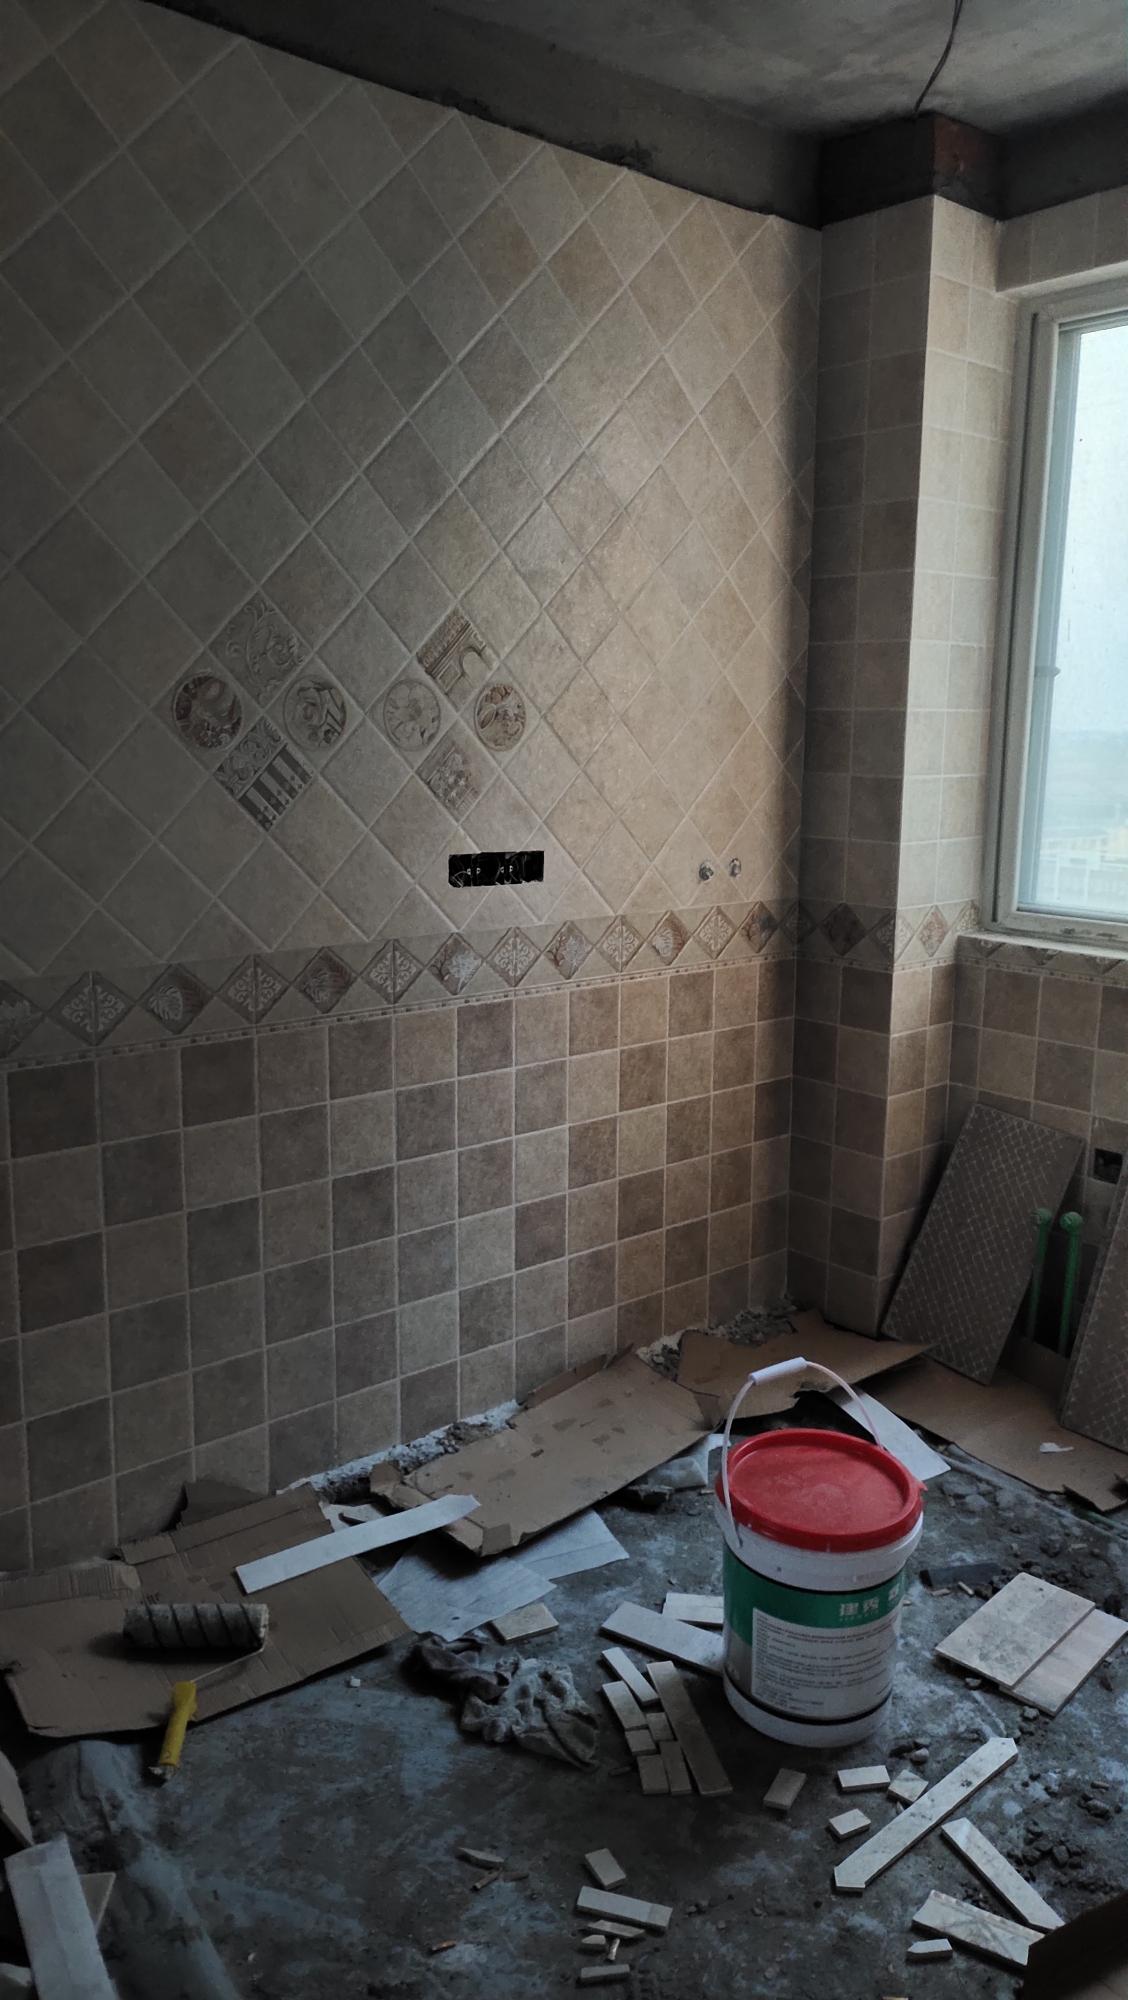 厨房这个砖搭配什么颜色橱柜和台面好看呢。